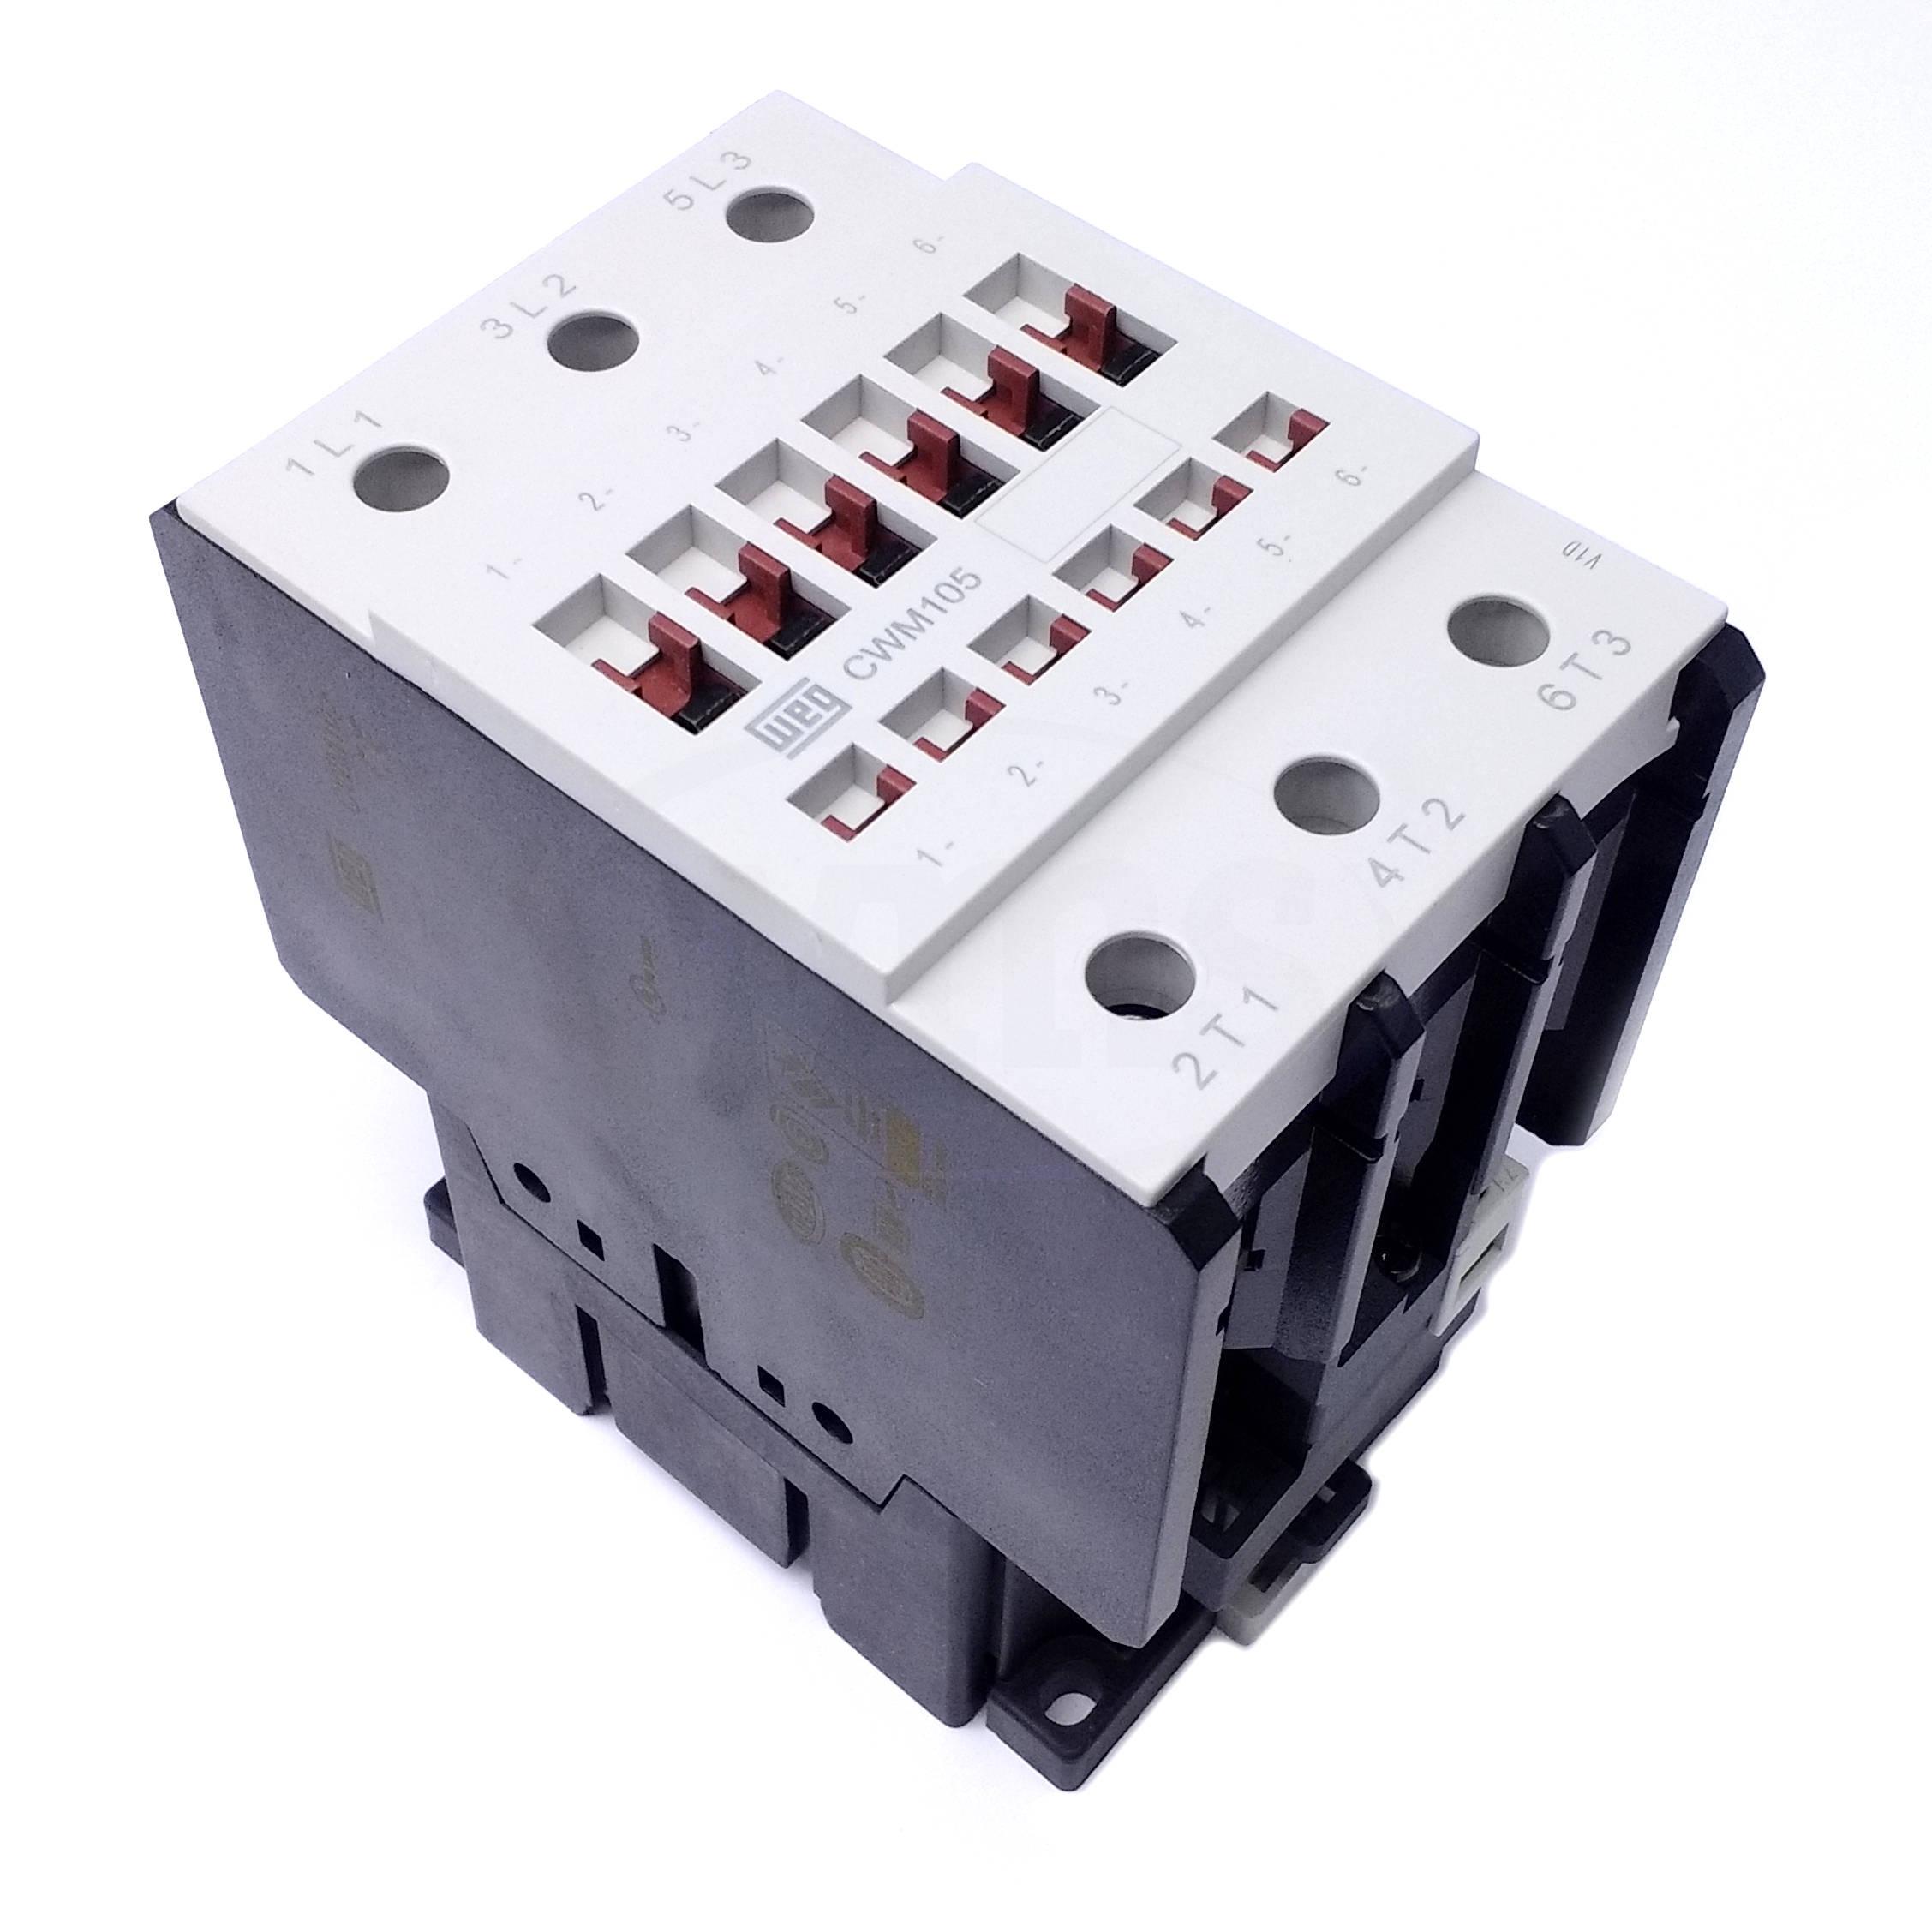 hight resolution of cwm105 00 30c34 weg 3 pole iec standard contactor pvs3 open close stop switch wiring understanding a size 00 contactor wiring